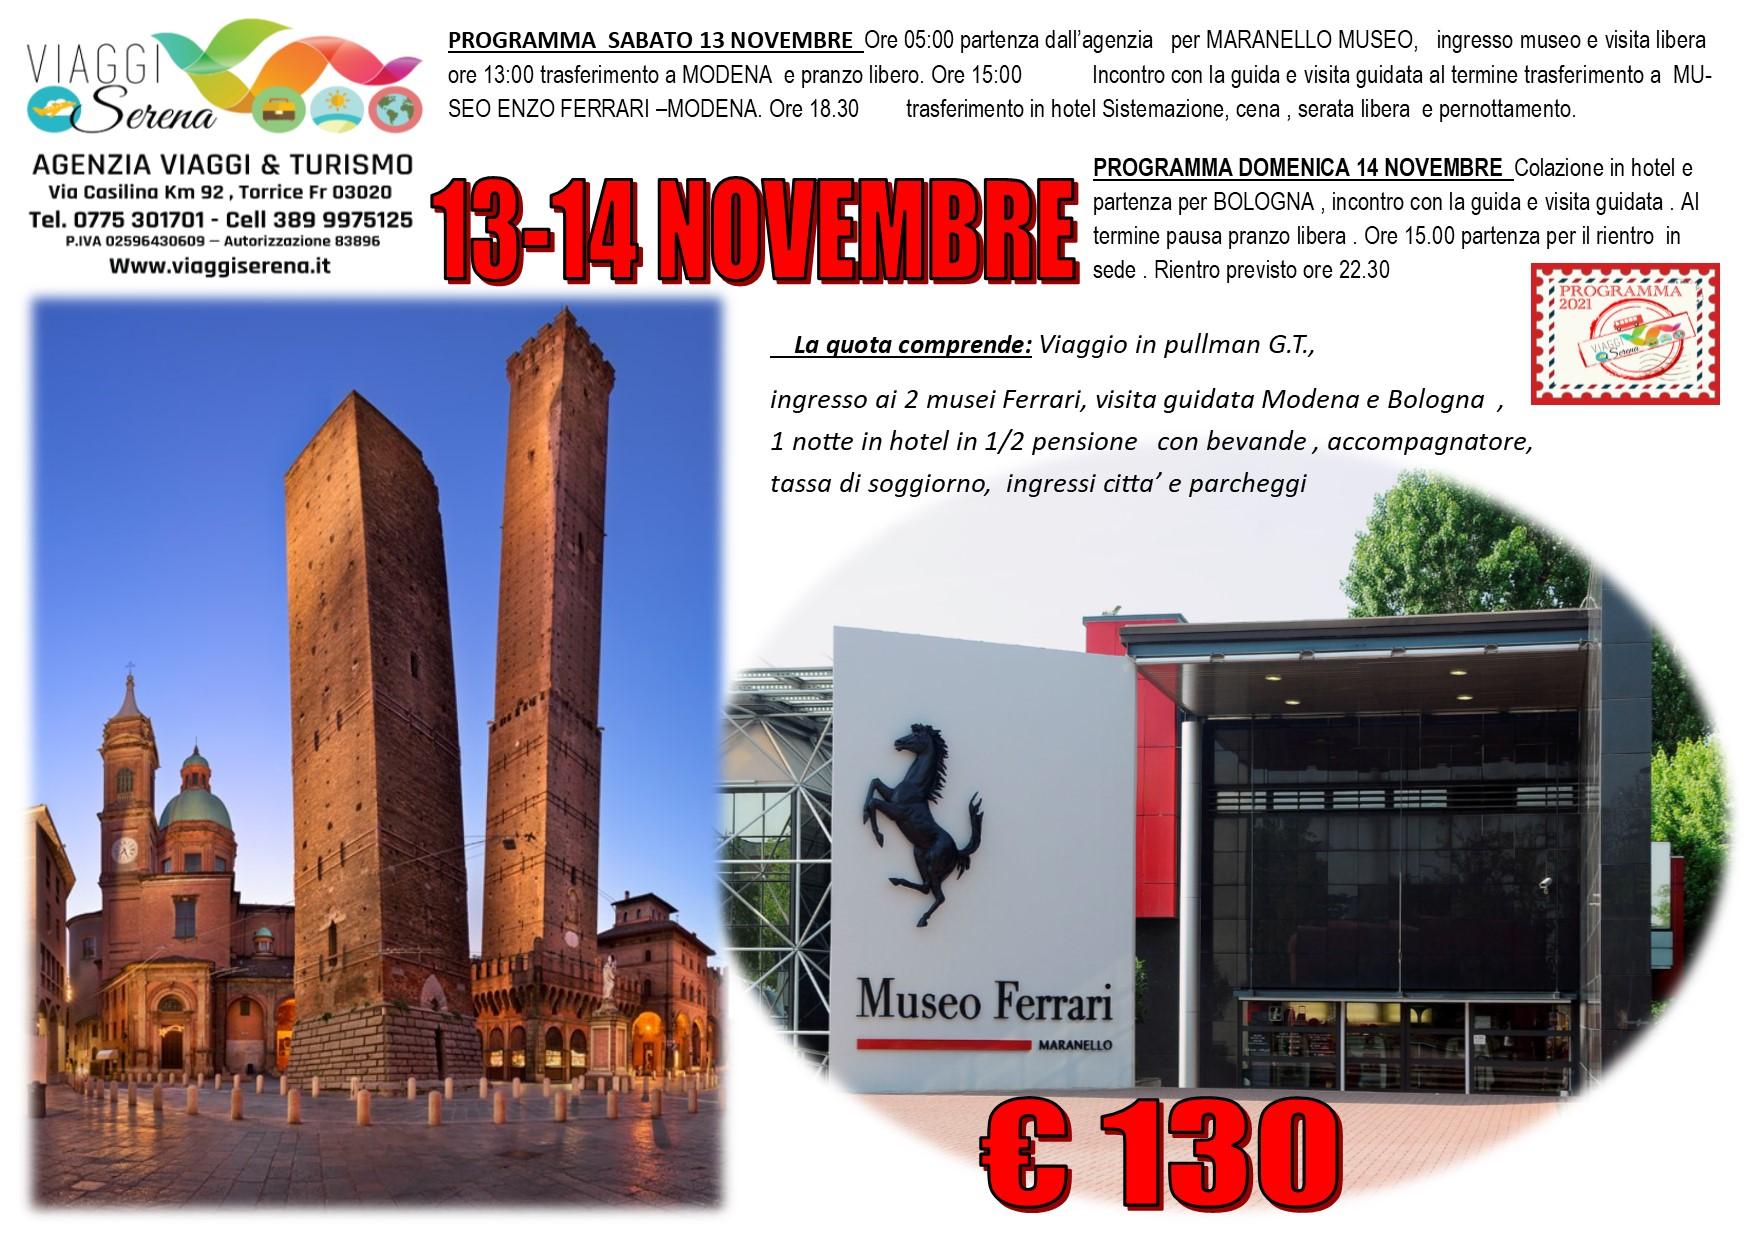 Viaggi di Gruppo: Museo Ferrari , Modena & Bologna 13-14 Novembre € 130,00